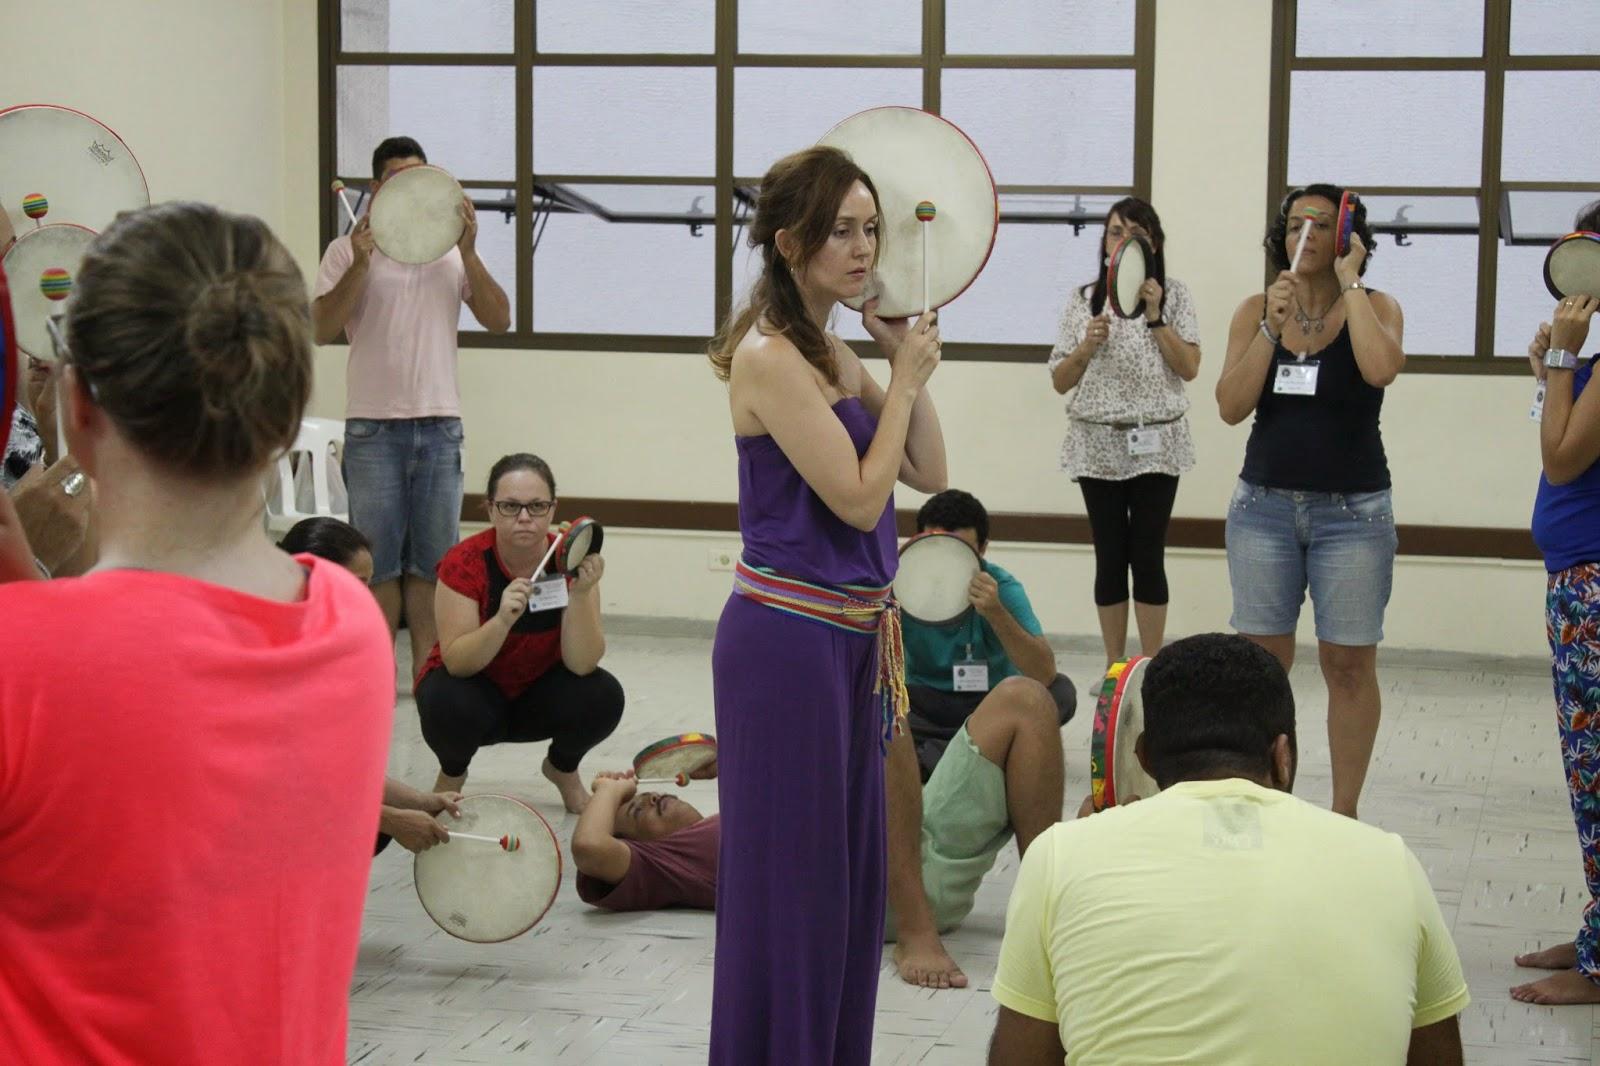 Descrição da Foto: Participantes estão tocando o tambor. Eles estão posicionados em três posições: baixo, médio, alto.